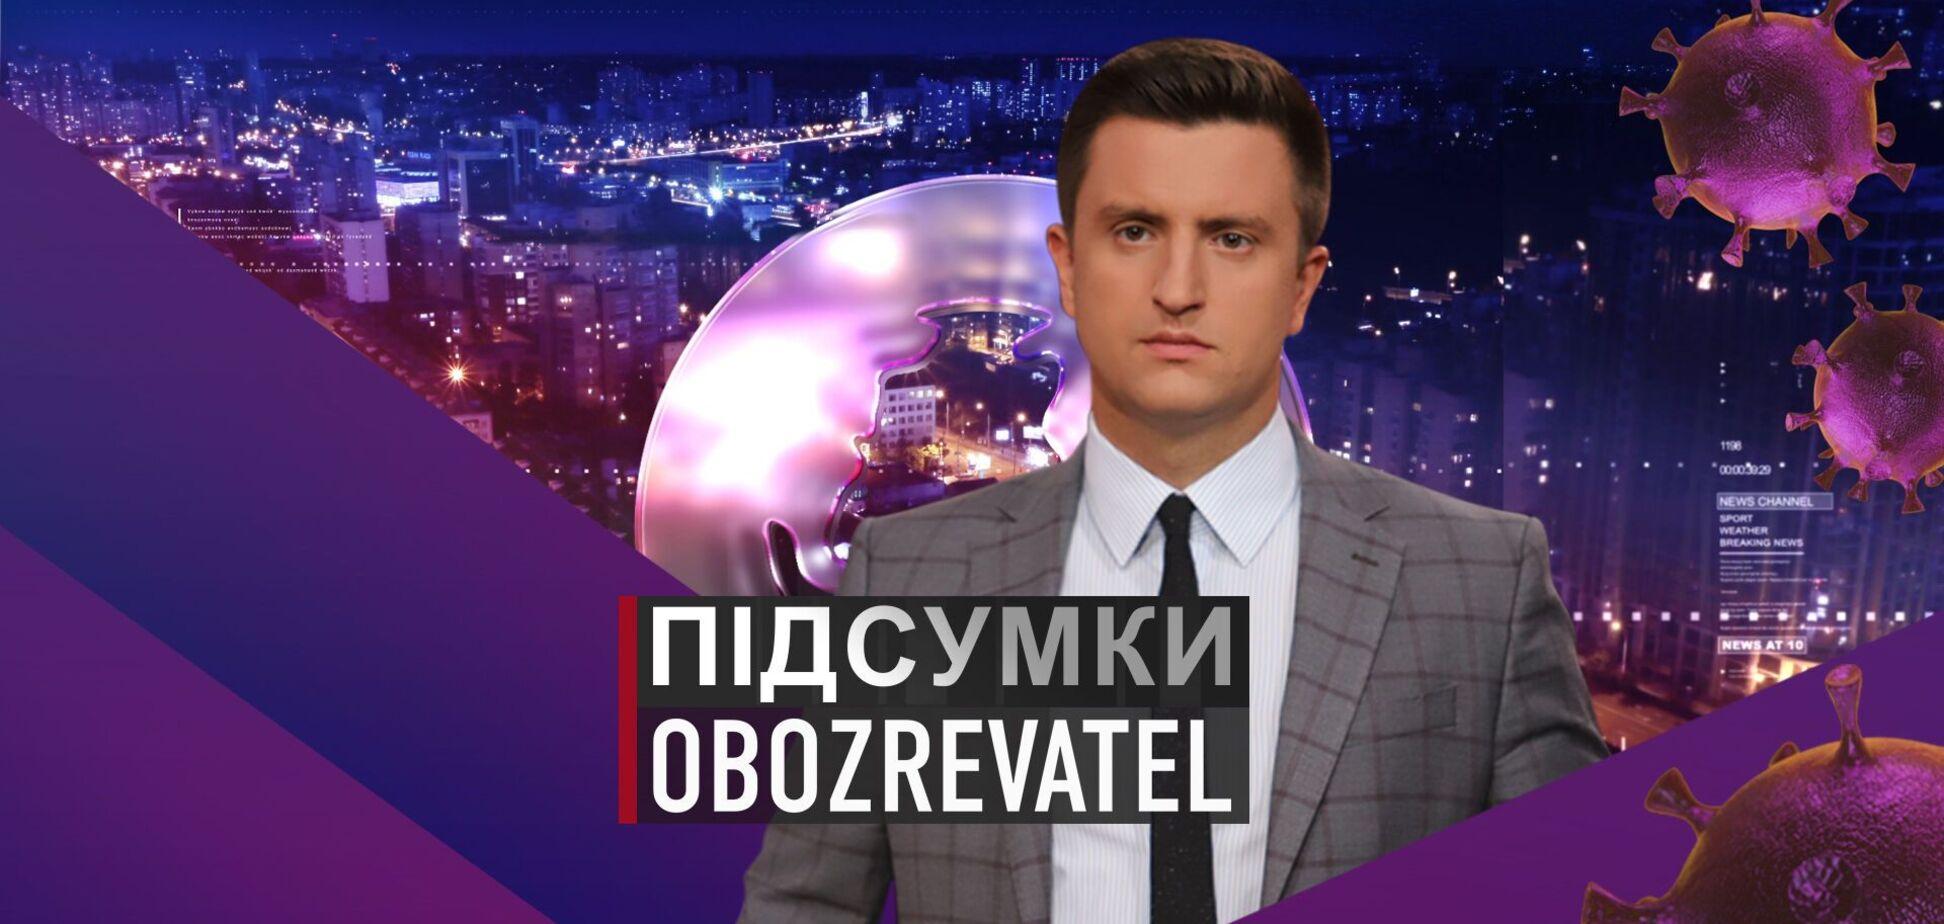 Підсумки з Вадимом Колодійчуком. П'ятниця, 19 березня